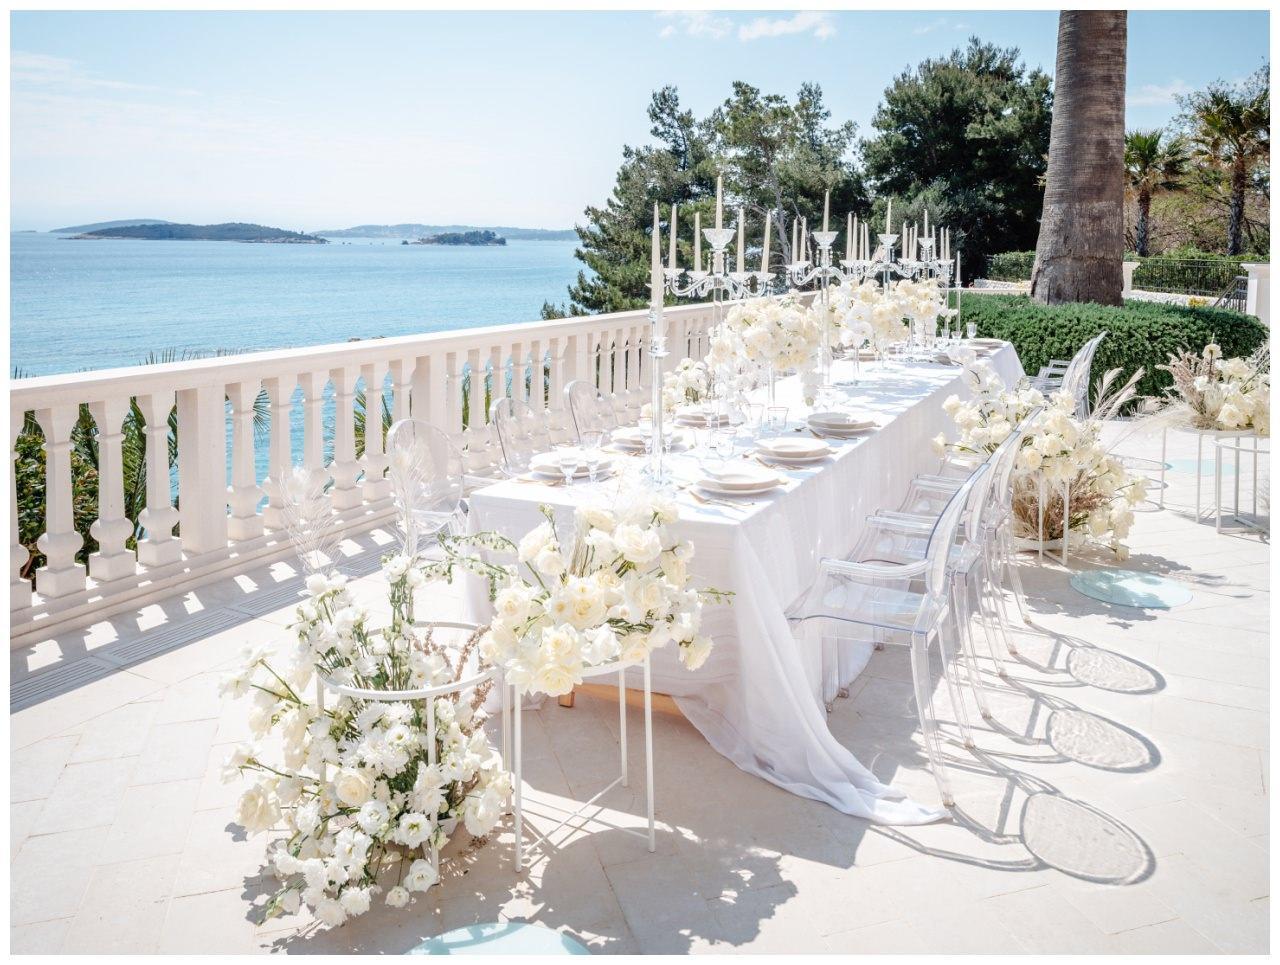 Hochzeit Kroatien Hochzeitsplanung Hochzeitsplaner Fotograf 21 - Luxuriöse Hochzeit in Weiß